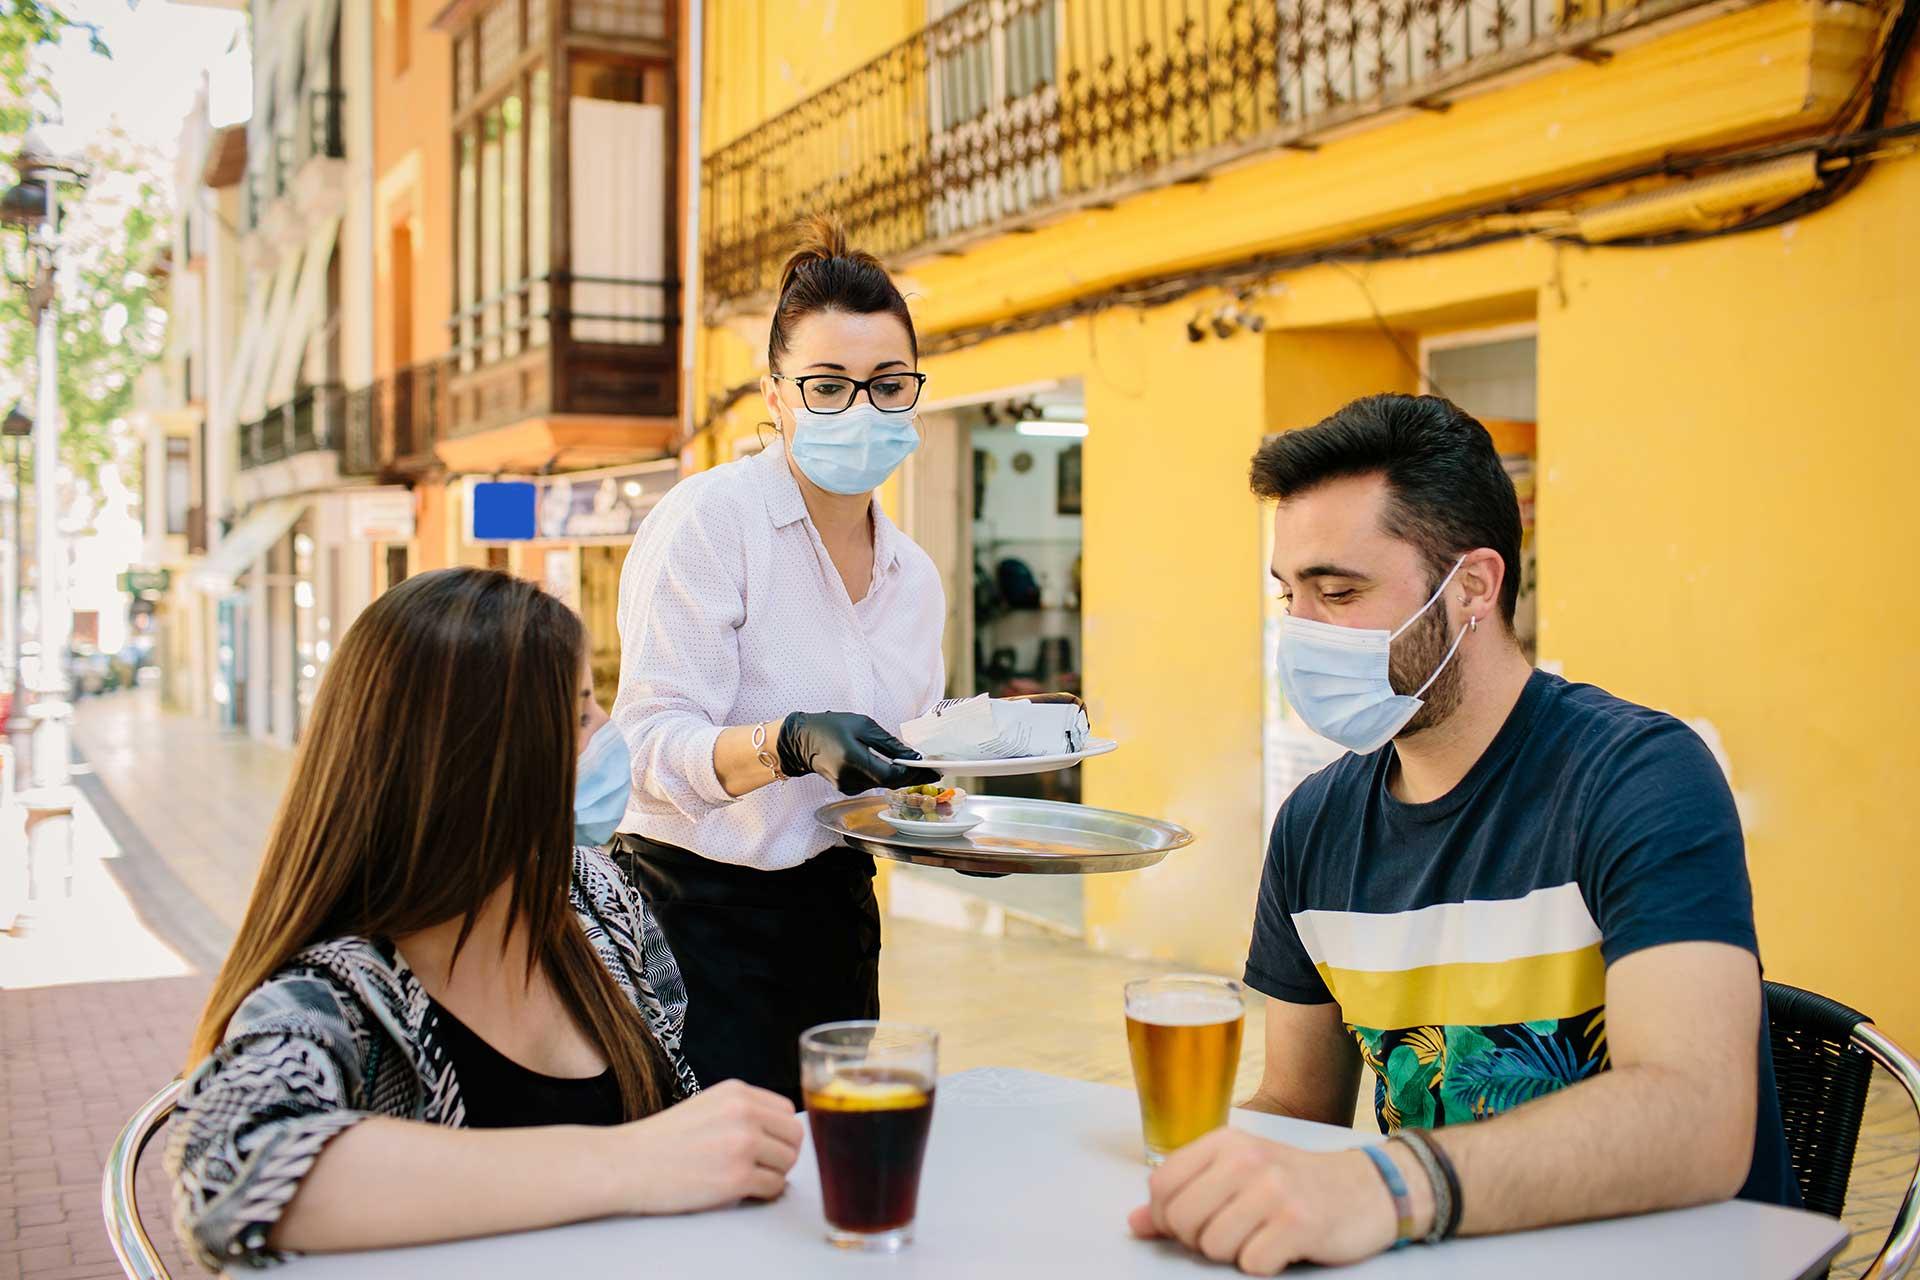 Restaurantes durante la pandemia